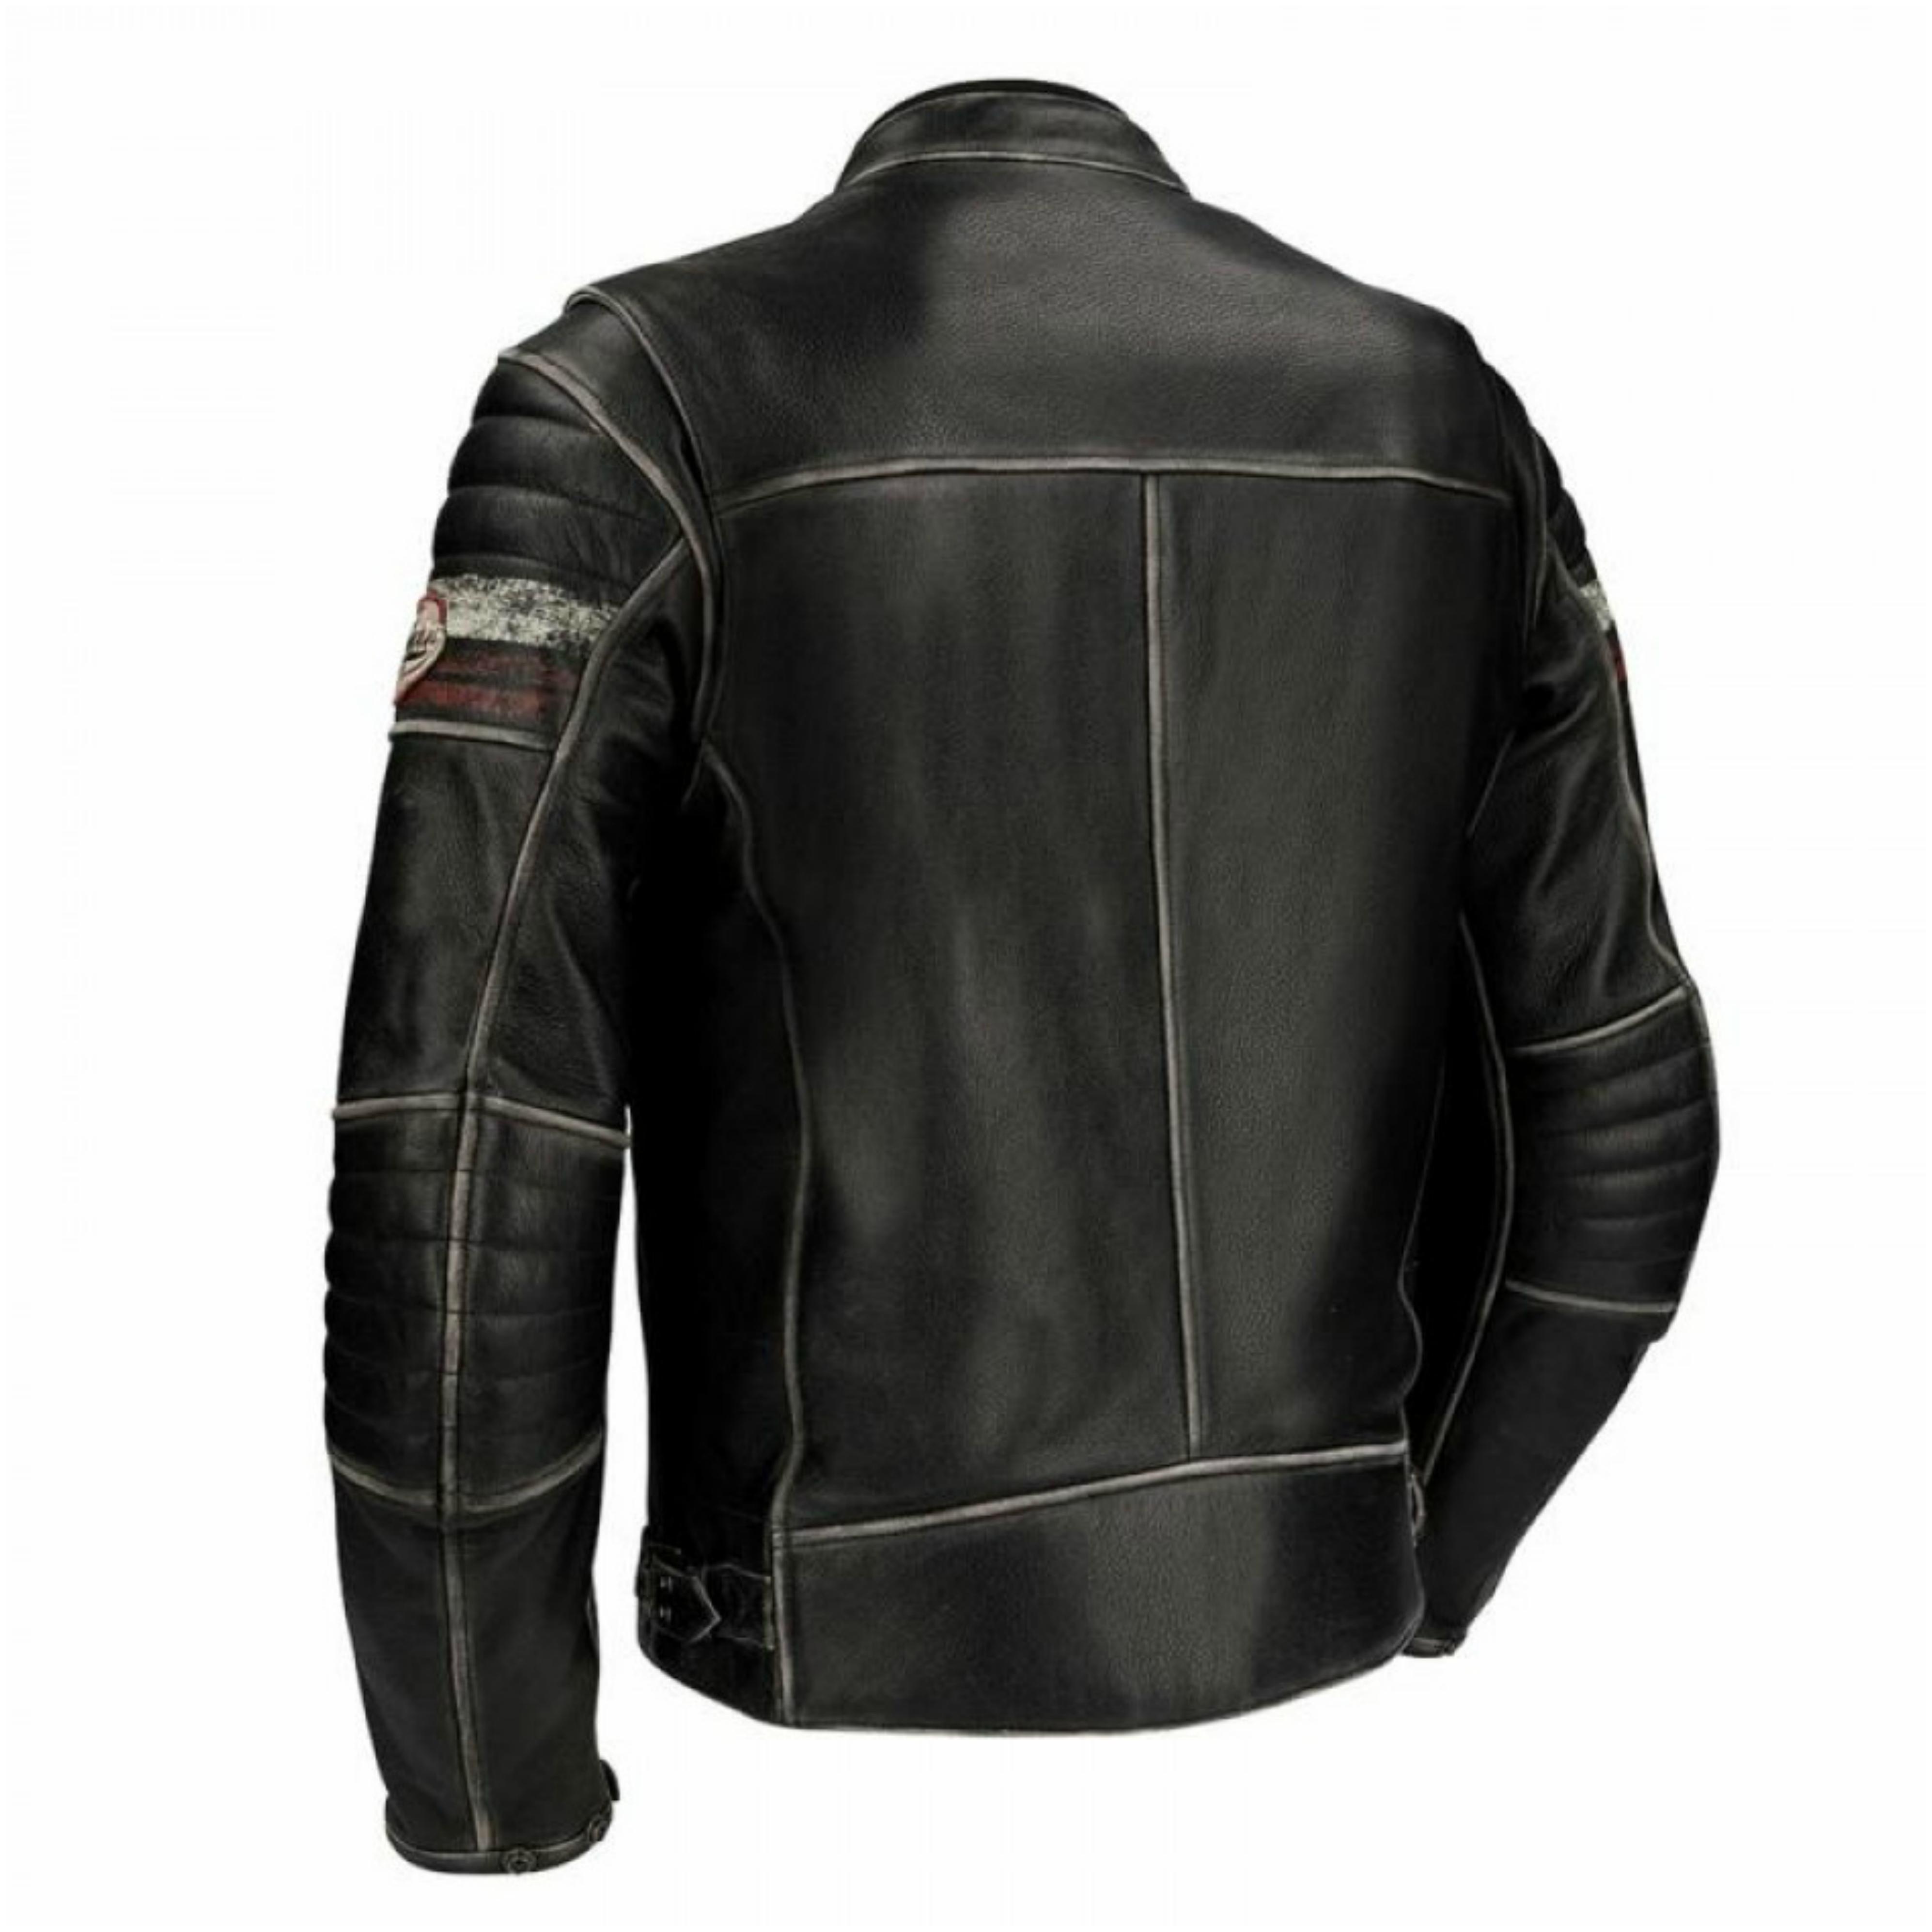 665863a4379187 SENTINELLE Nouveaux hommes de Cruze moto Segura cuir Jacket│Summer│Vintage  Style│CE APP